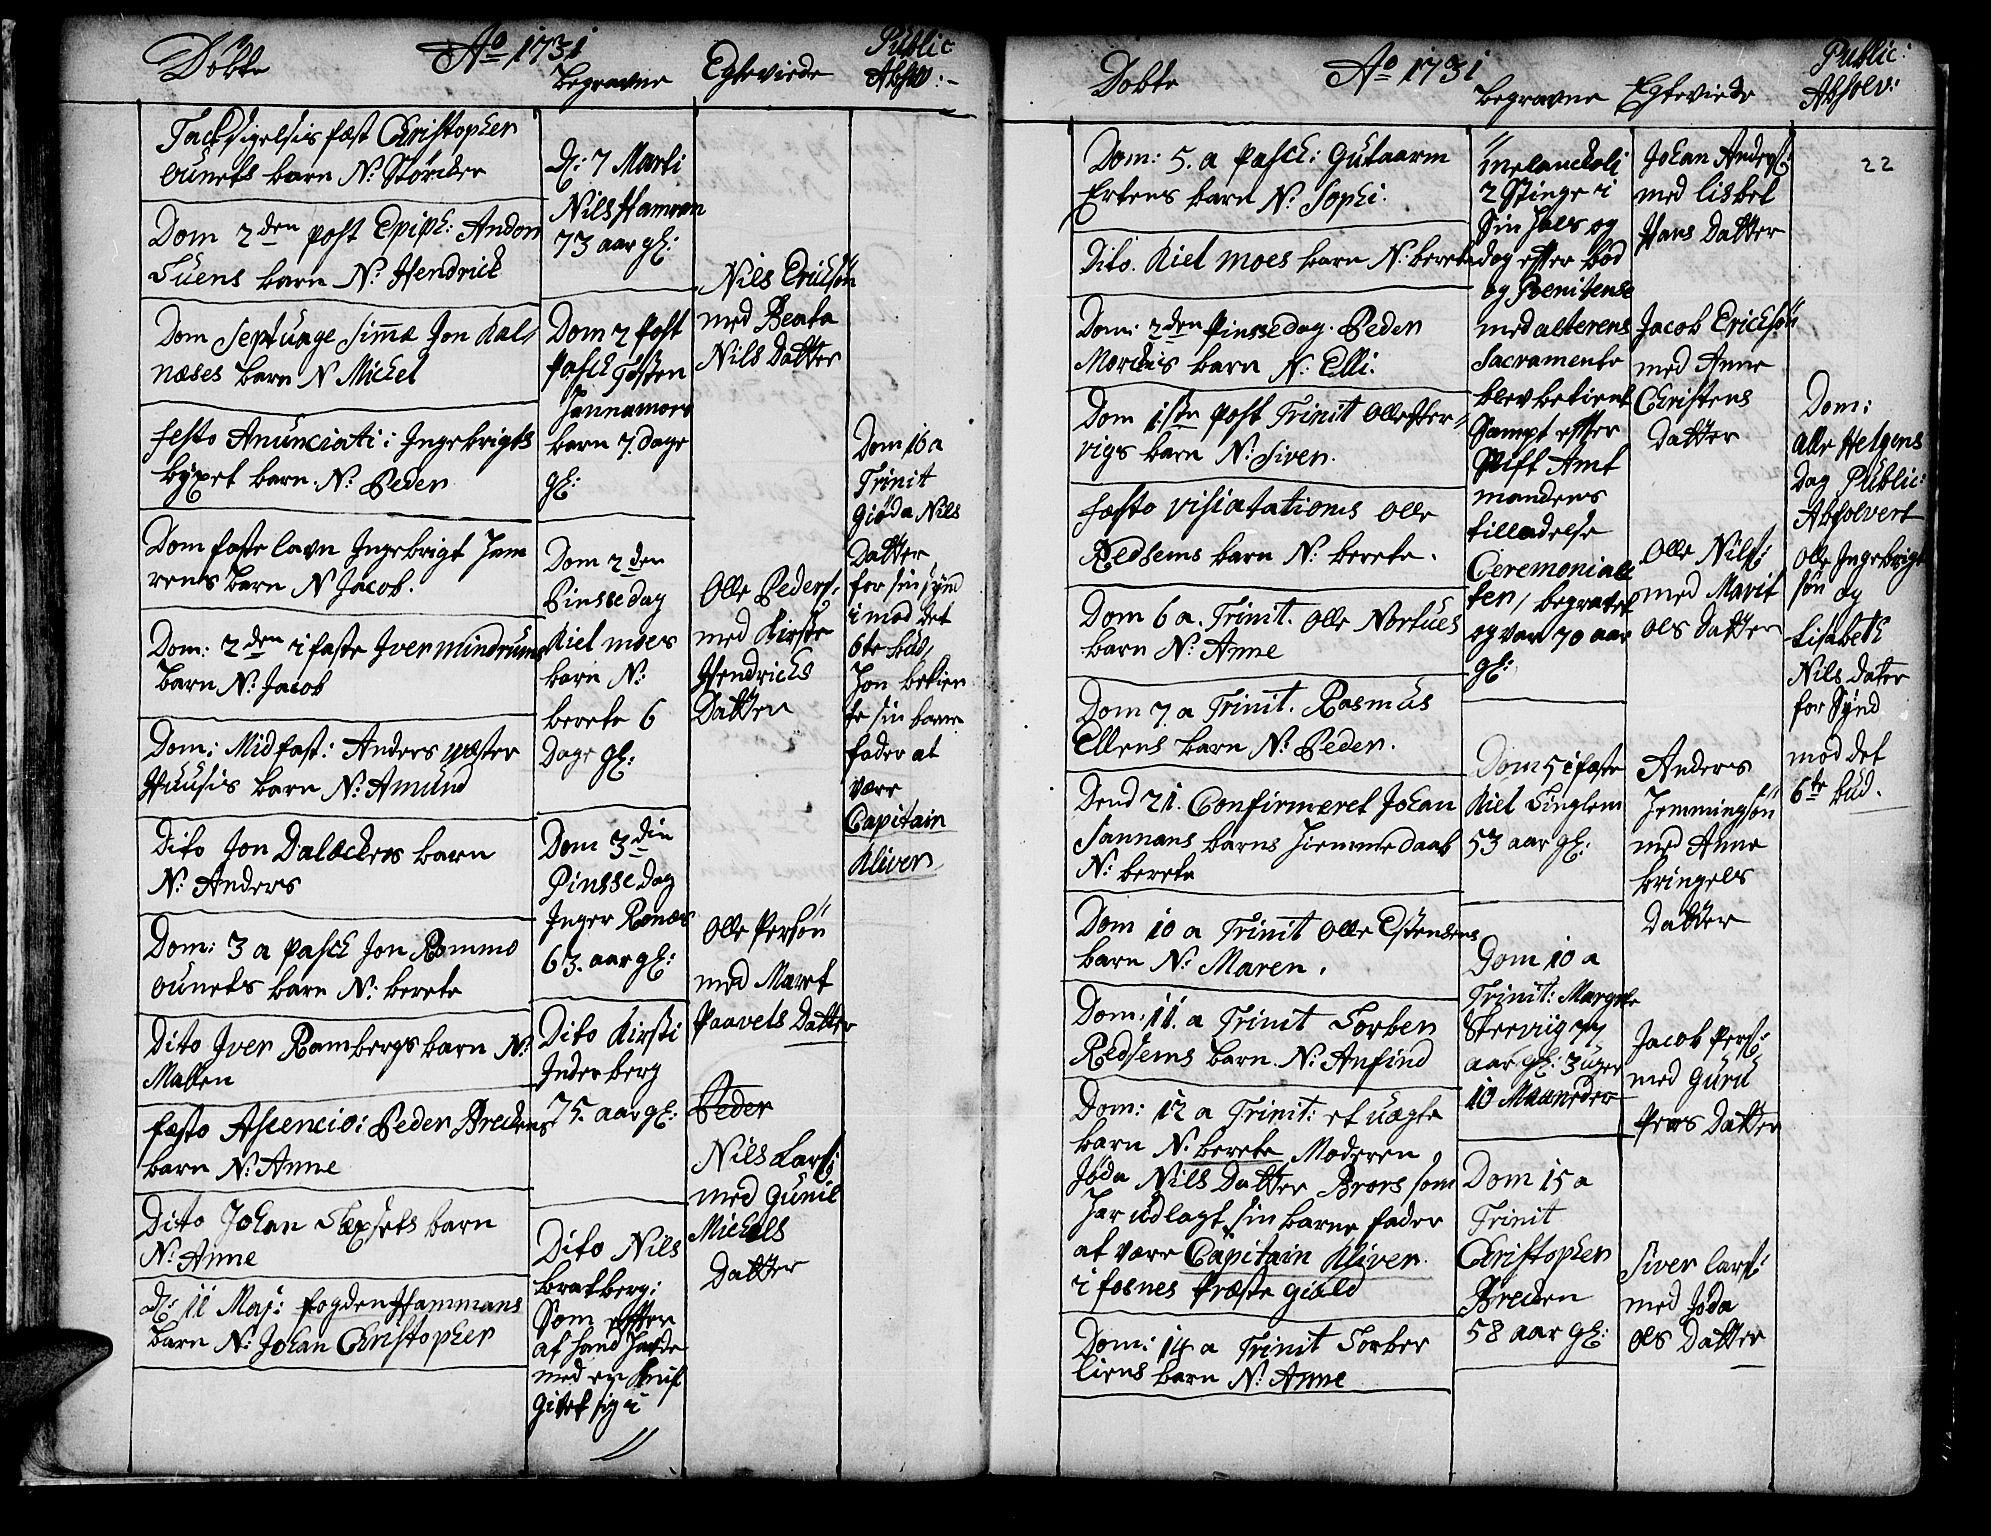 SAT, Ministerialprotokoller, klokkerbøker og fødselsregistre - Nord-Trøndelag, 741/L0385: Ministerialbok nr. 741A01, 1722-1815, s. 22